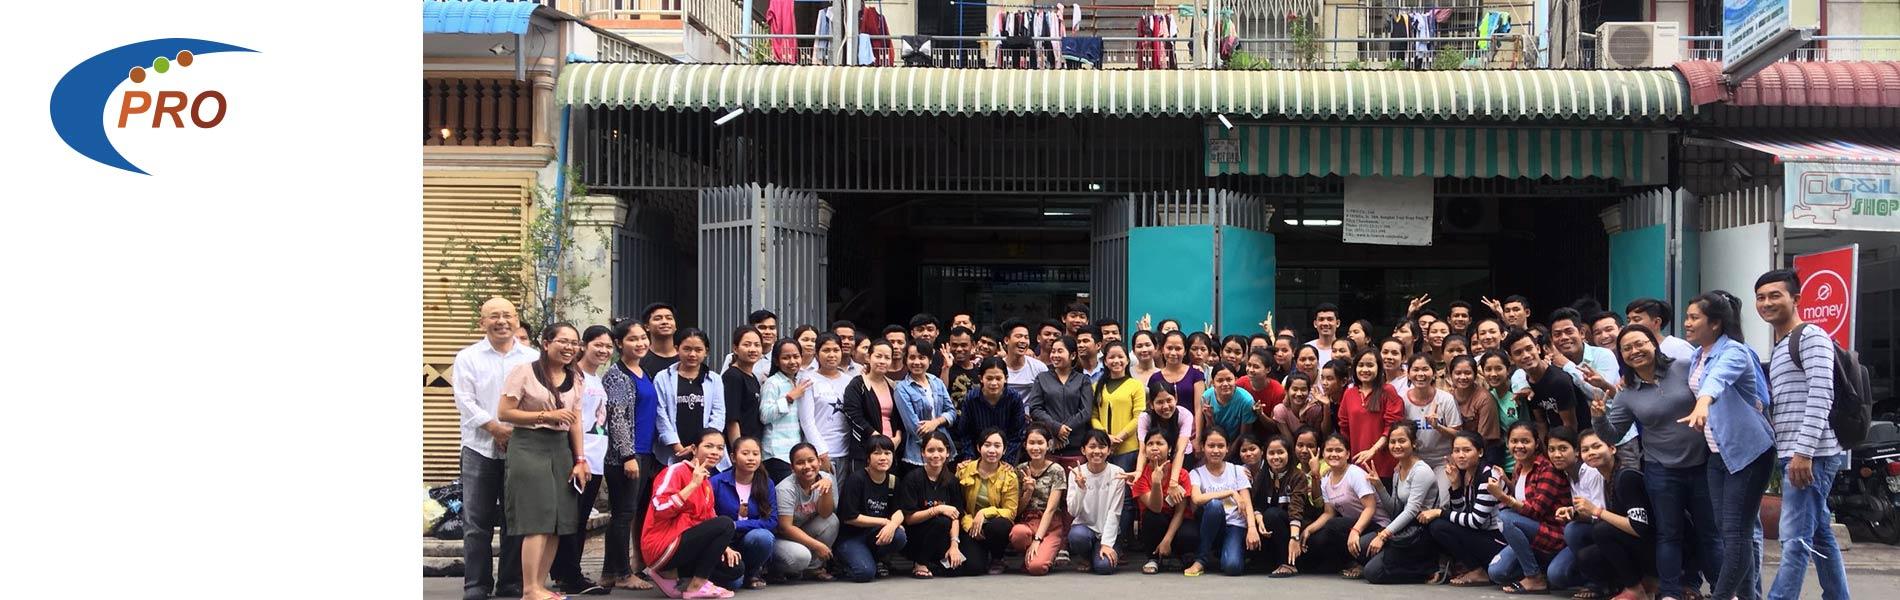 カンボジア初の技能実習生送り出し機関